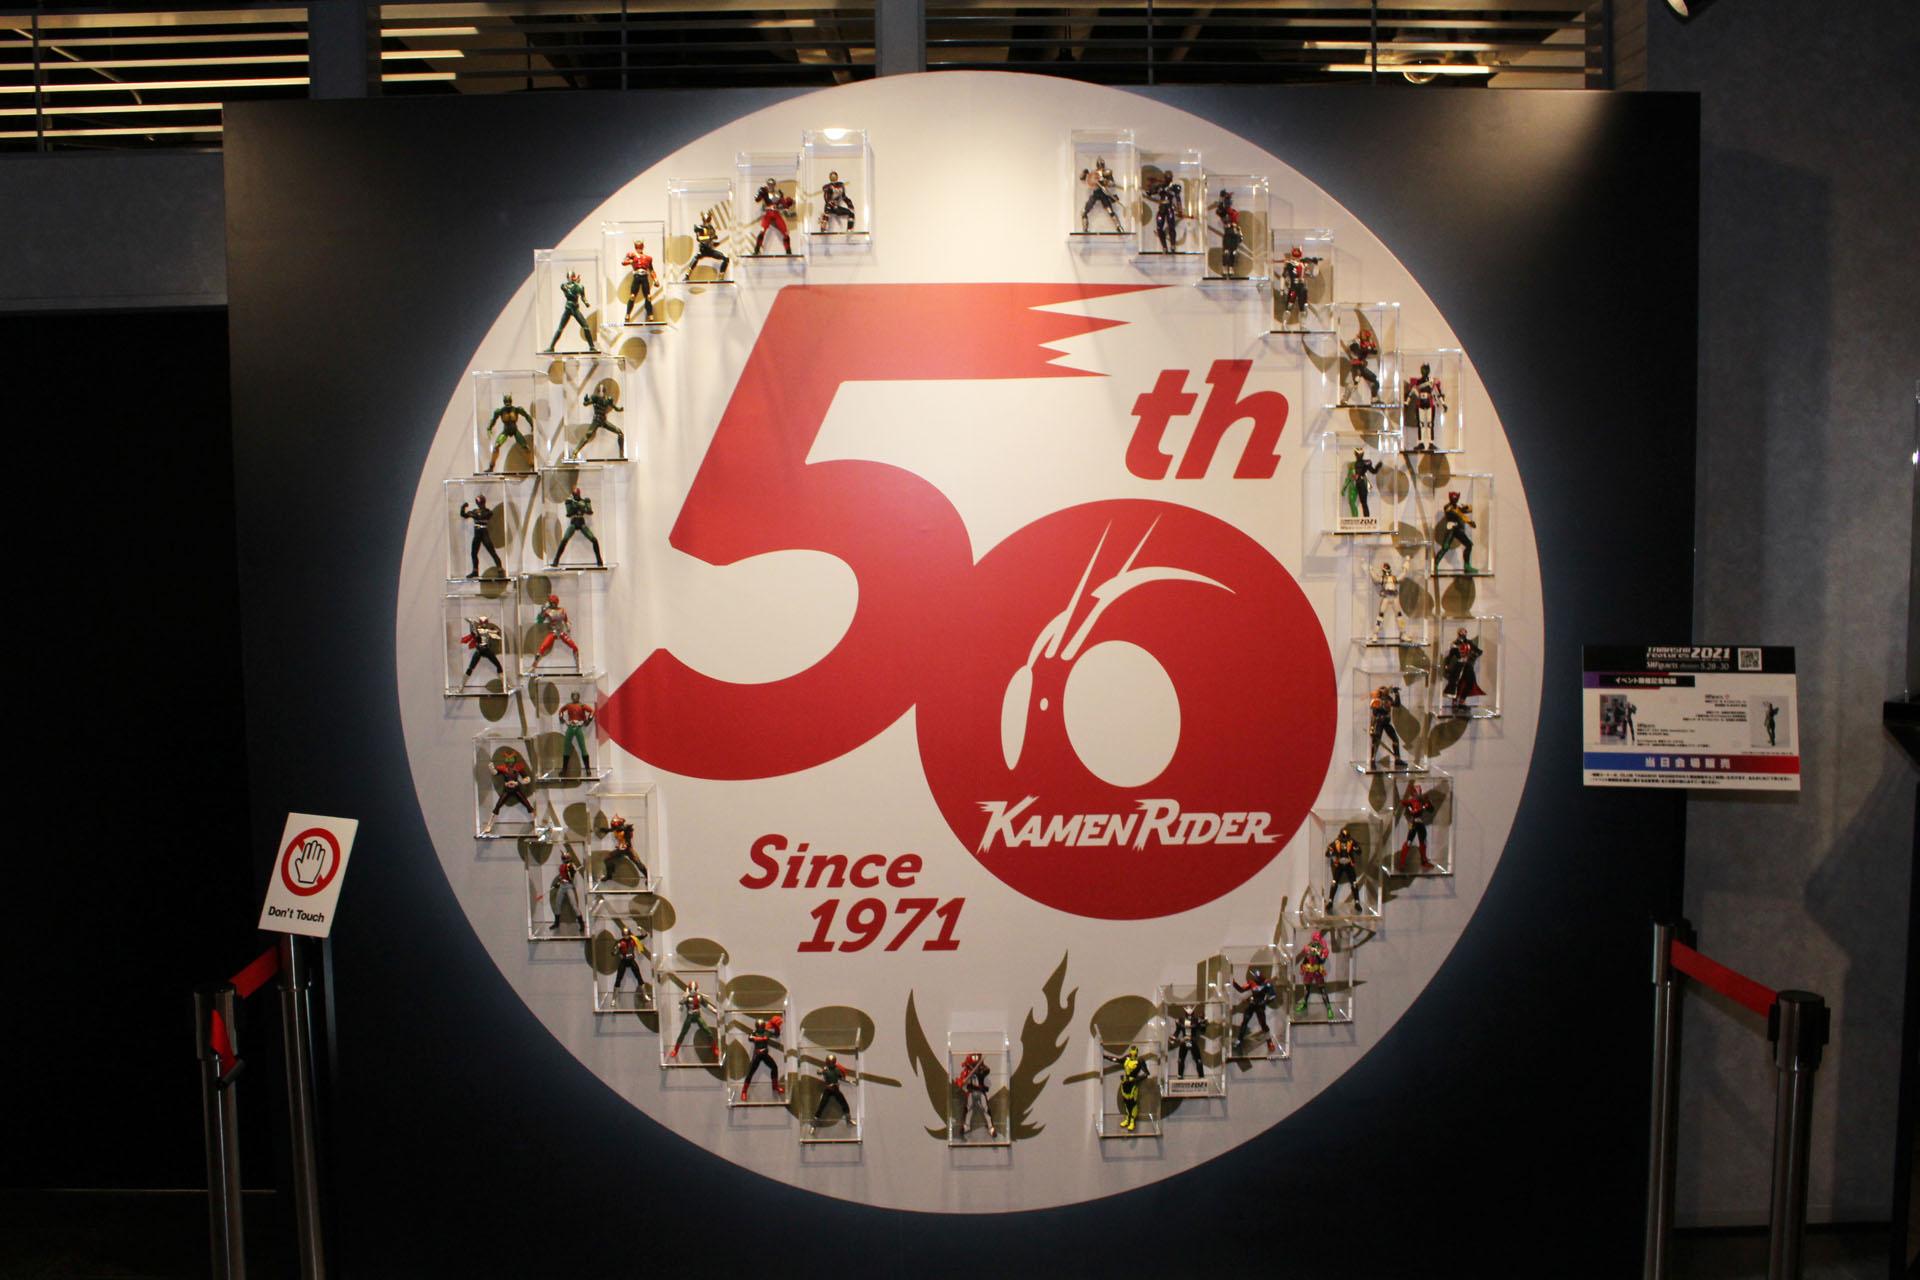 「50th」のロゴをぐるりと取り囲むようにディスプレイされた37体の仮面ライダー達